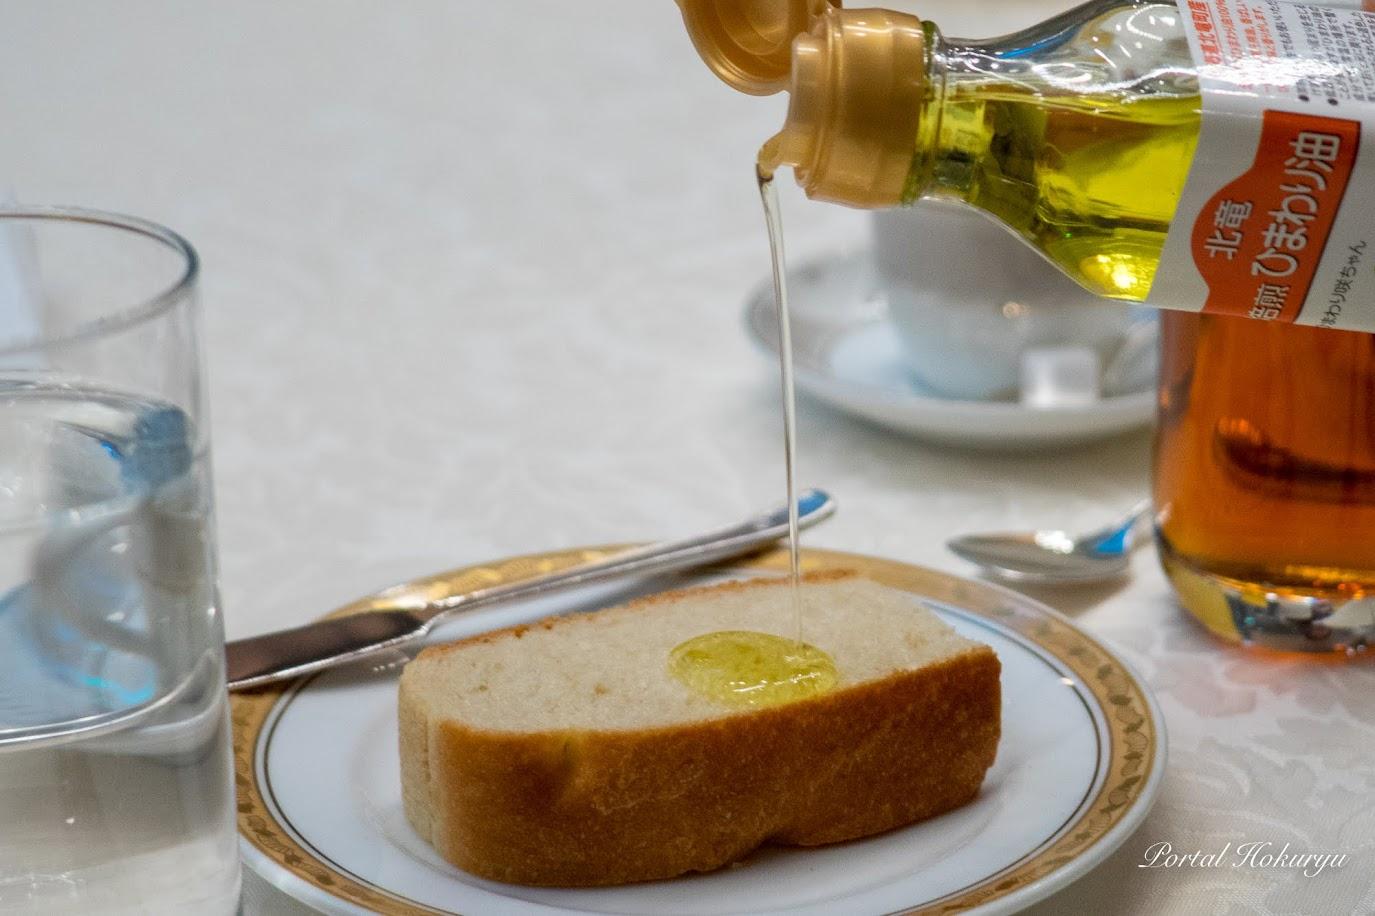 サンフラワーオイルを使用した自家製フォカッチャと焙煎ひまわり油